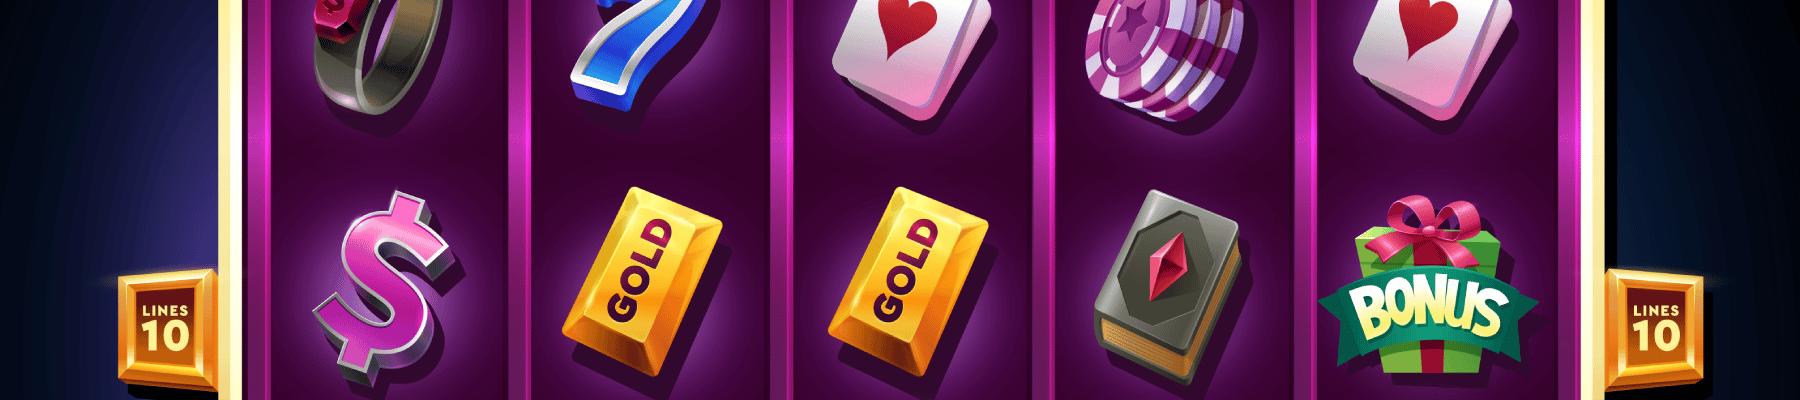 slots icons main